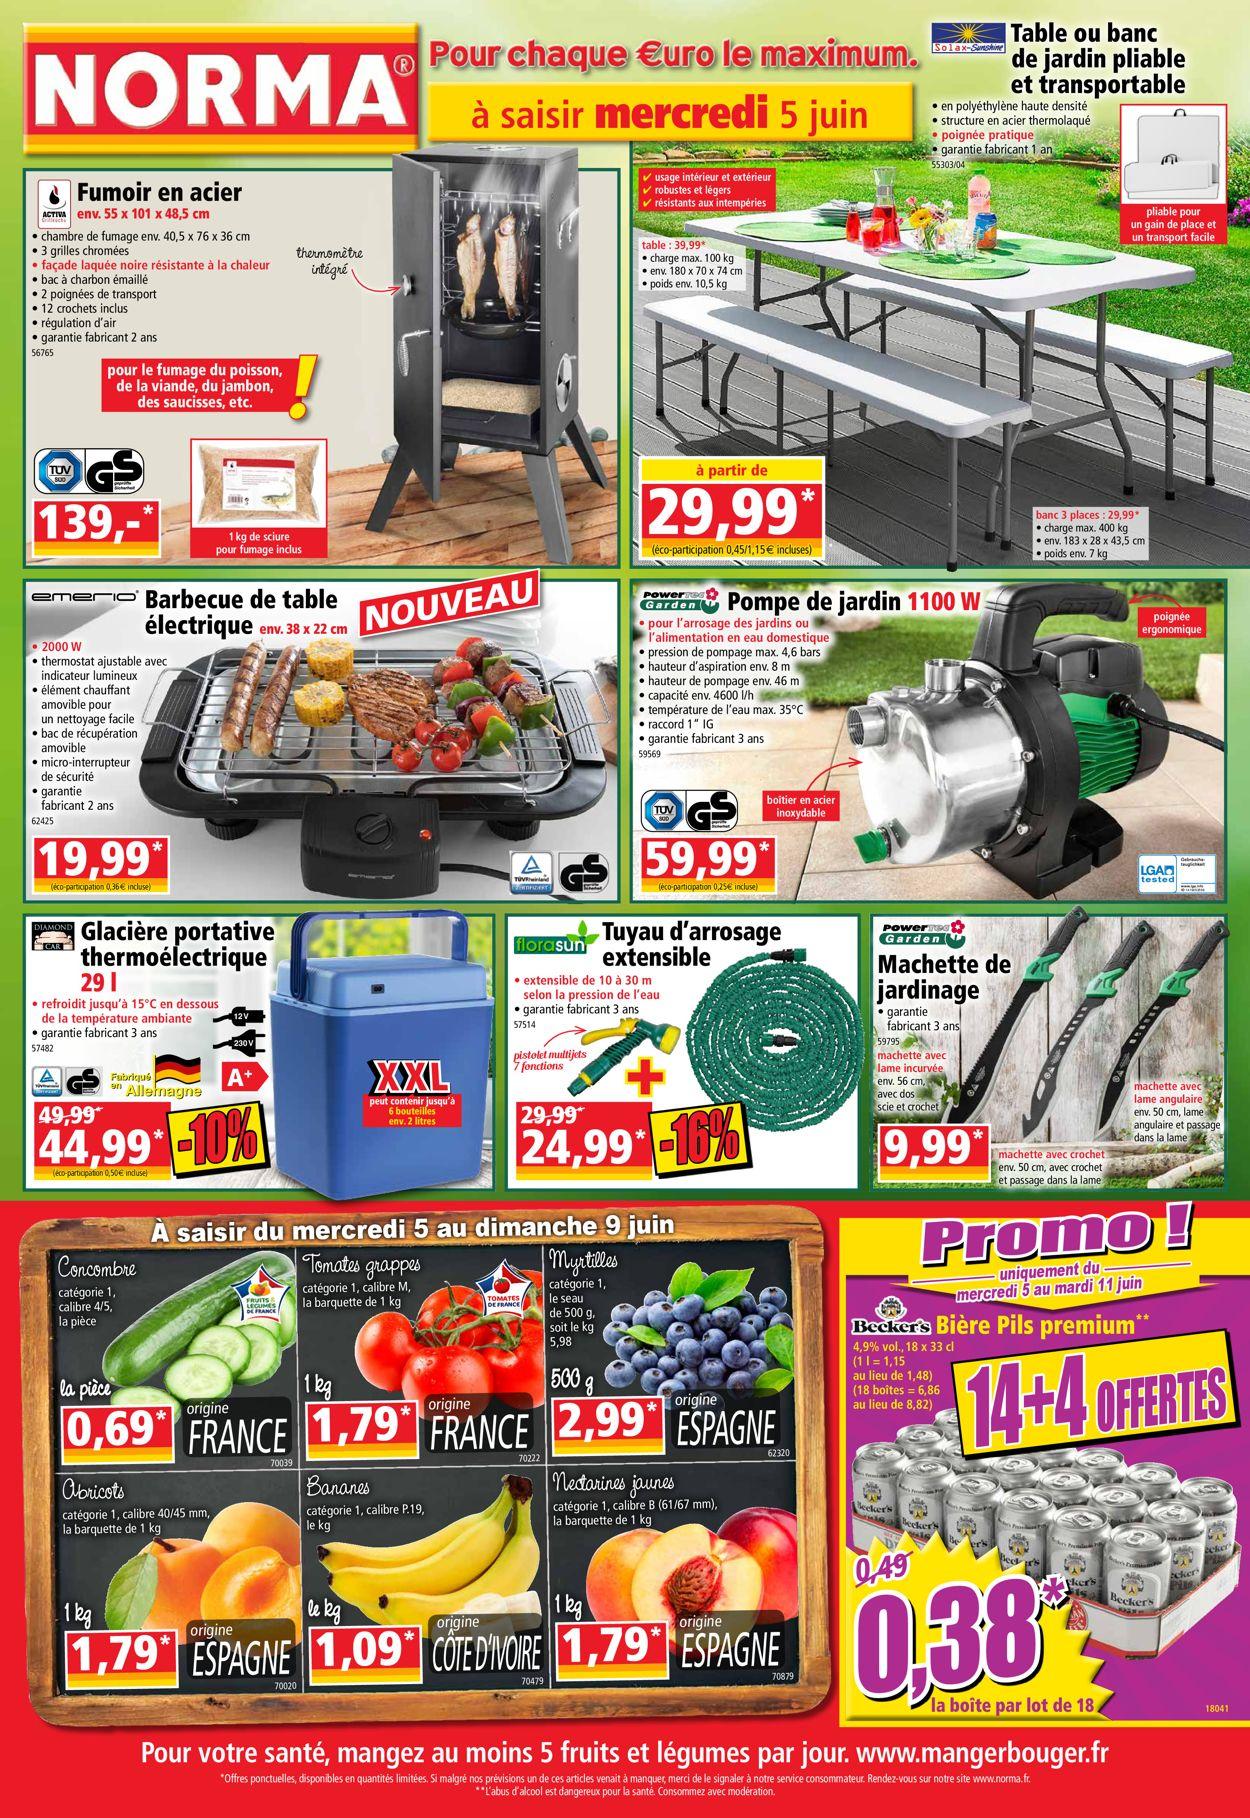 Norma Catalogue - 05.06-11.06.2019